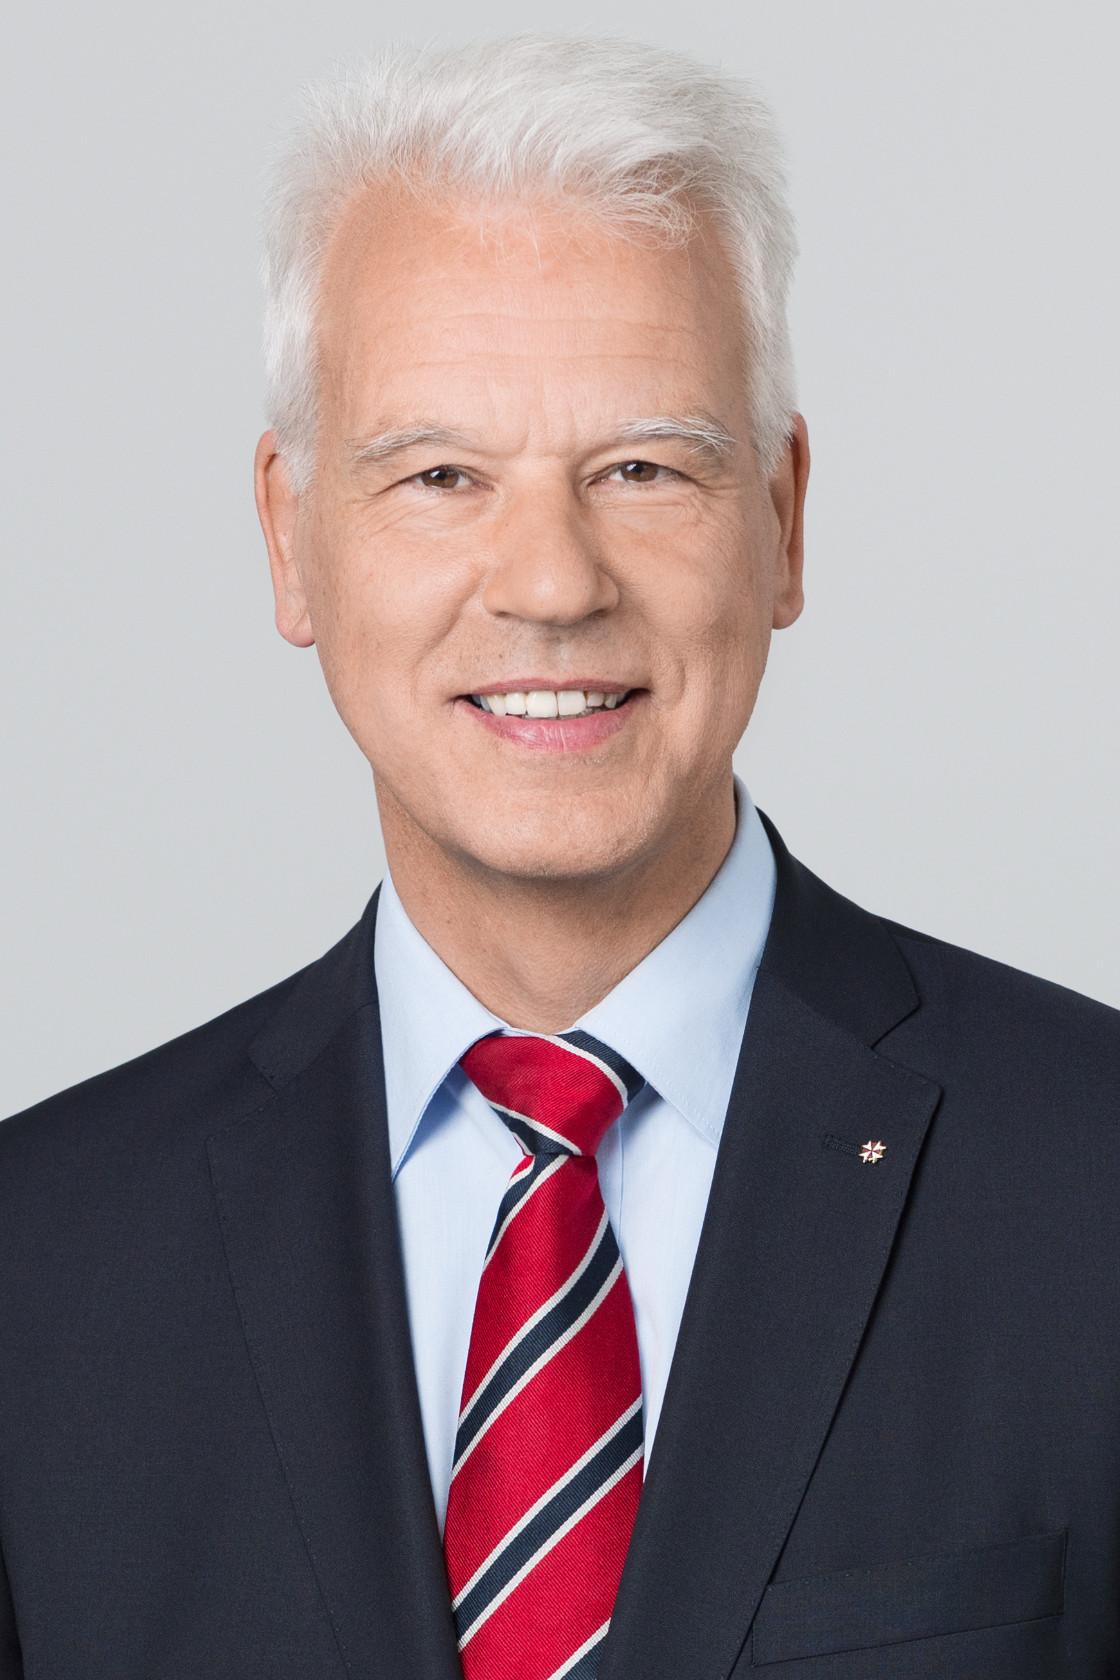 Jürgen Ule, Bundesausbildungsleiter